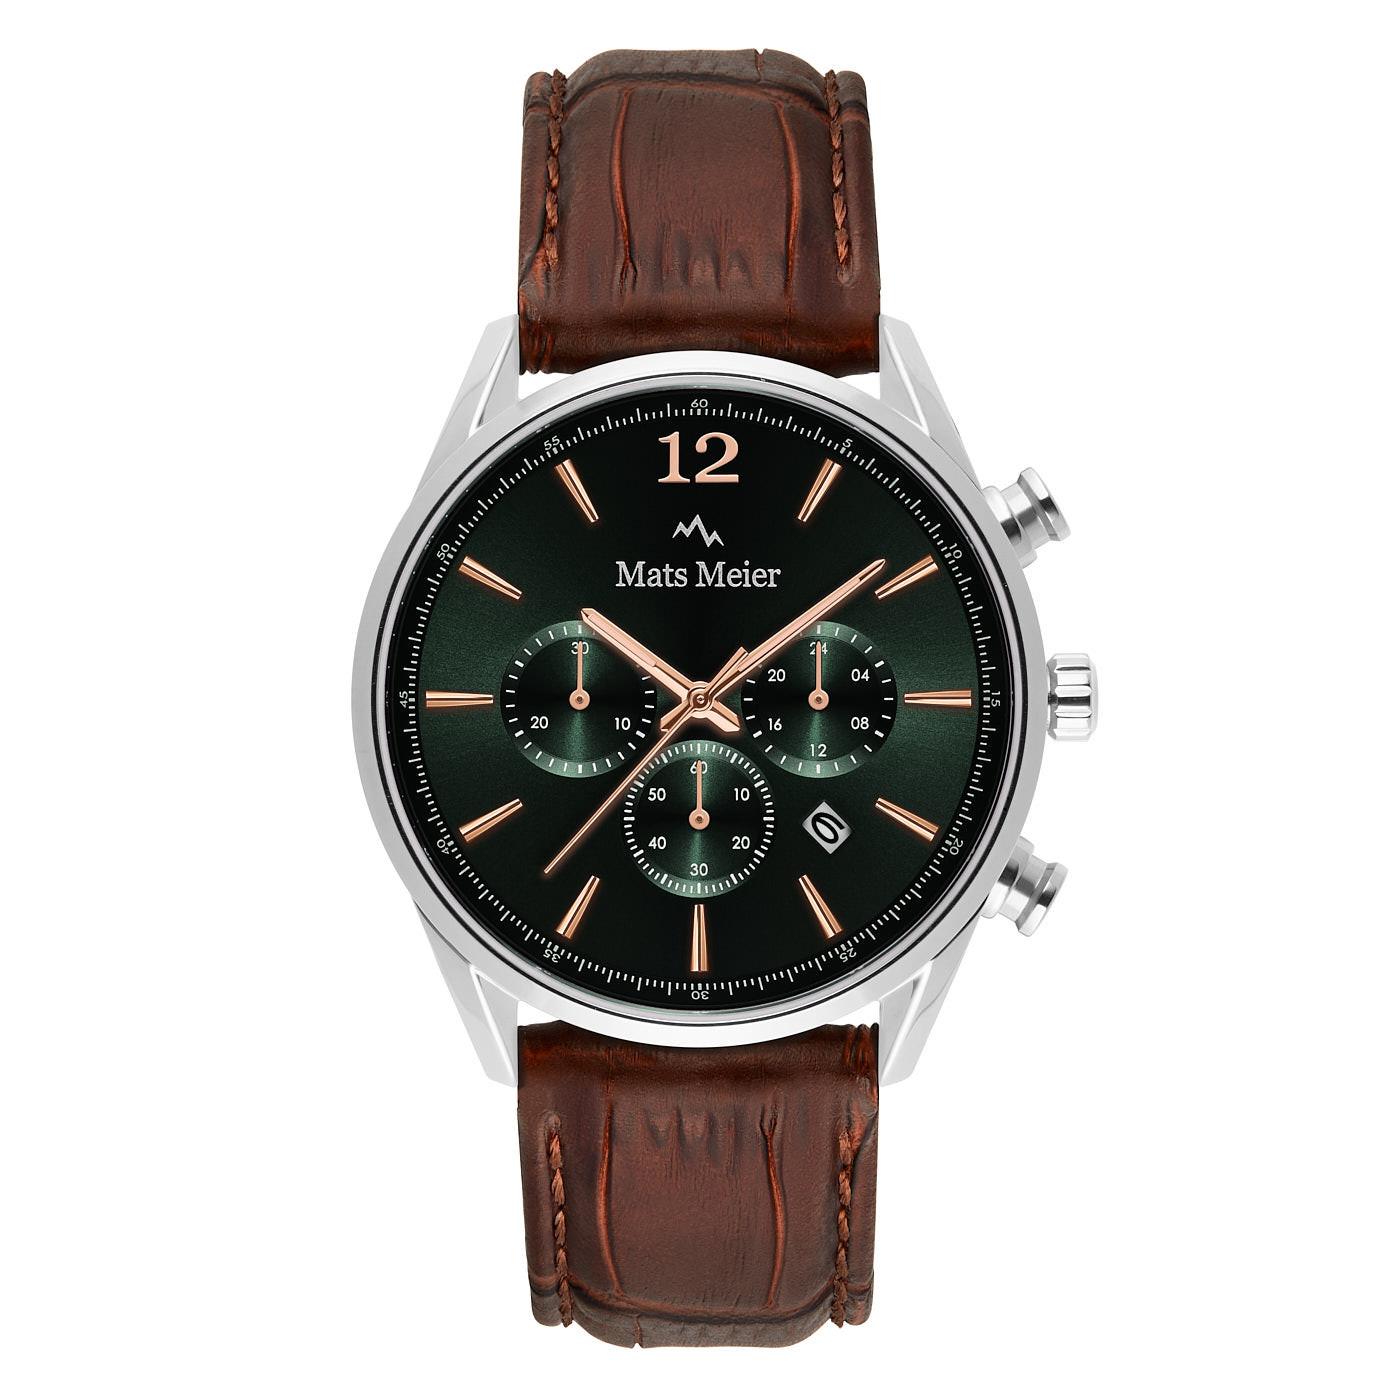 Mats Meier Grand Cornier chronograaf herenhorloge groen / zilverkleurig / bruin